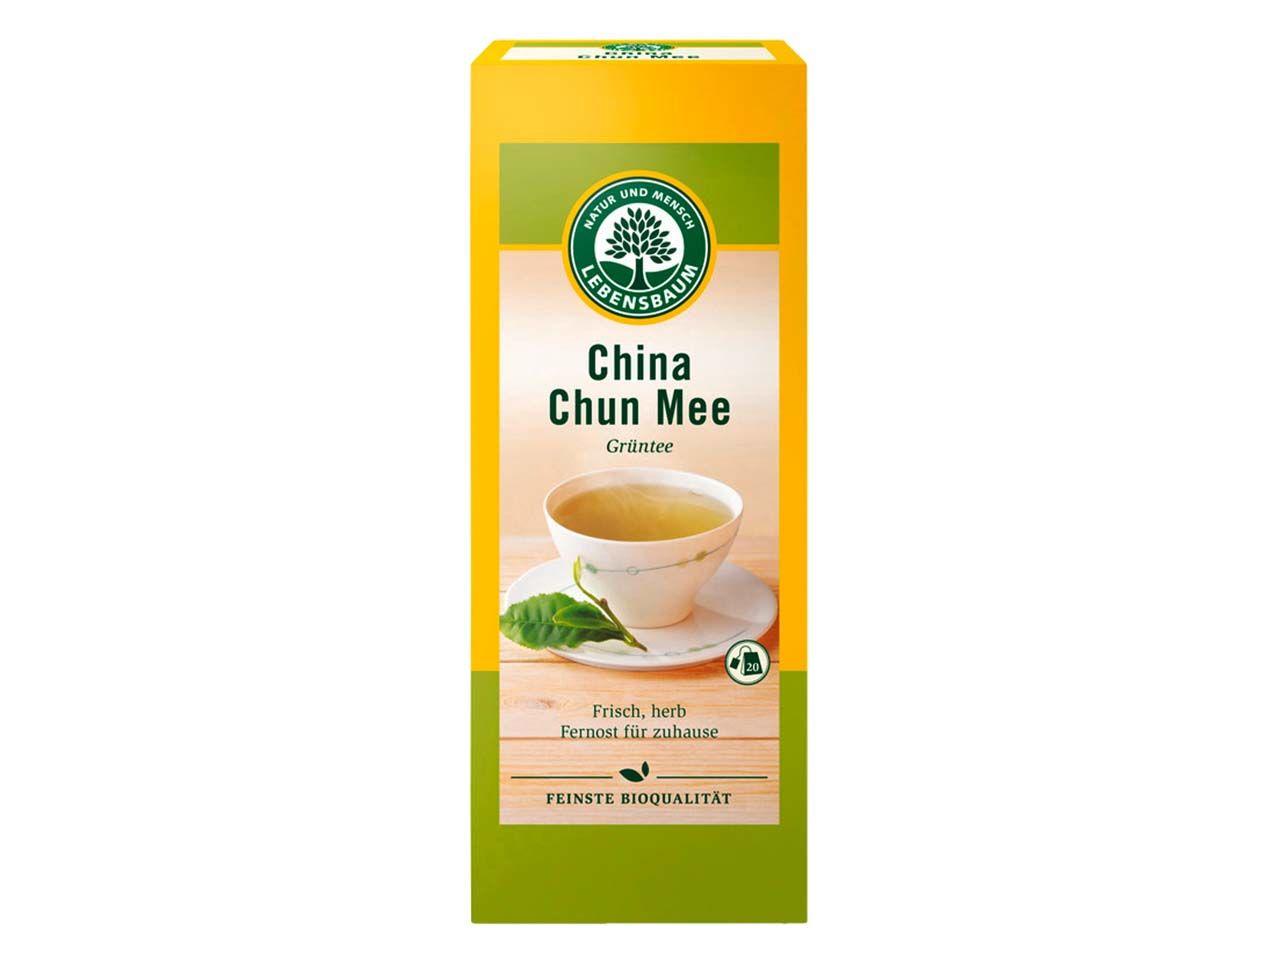 Lebensbaum Grüner Bio-Tee China Chun Mee 20 x 1,5 g 5112